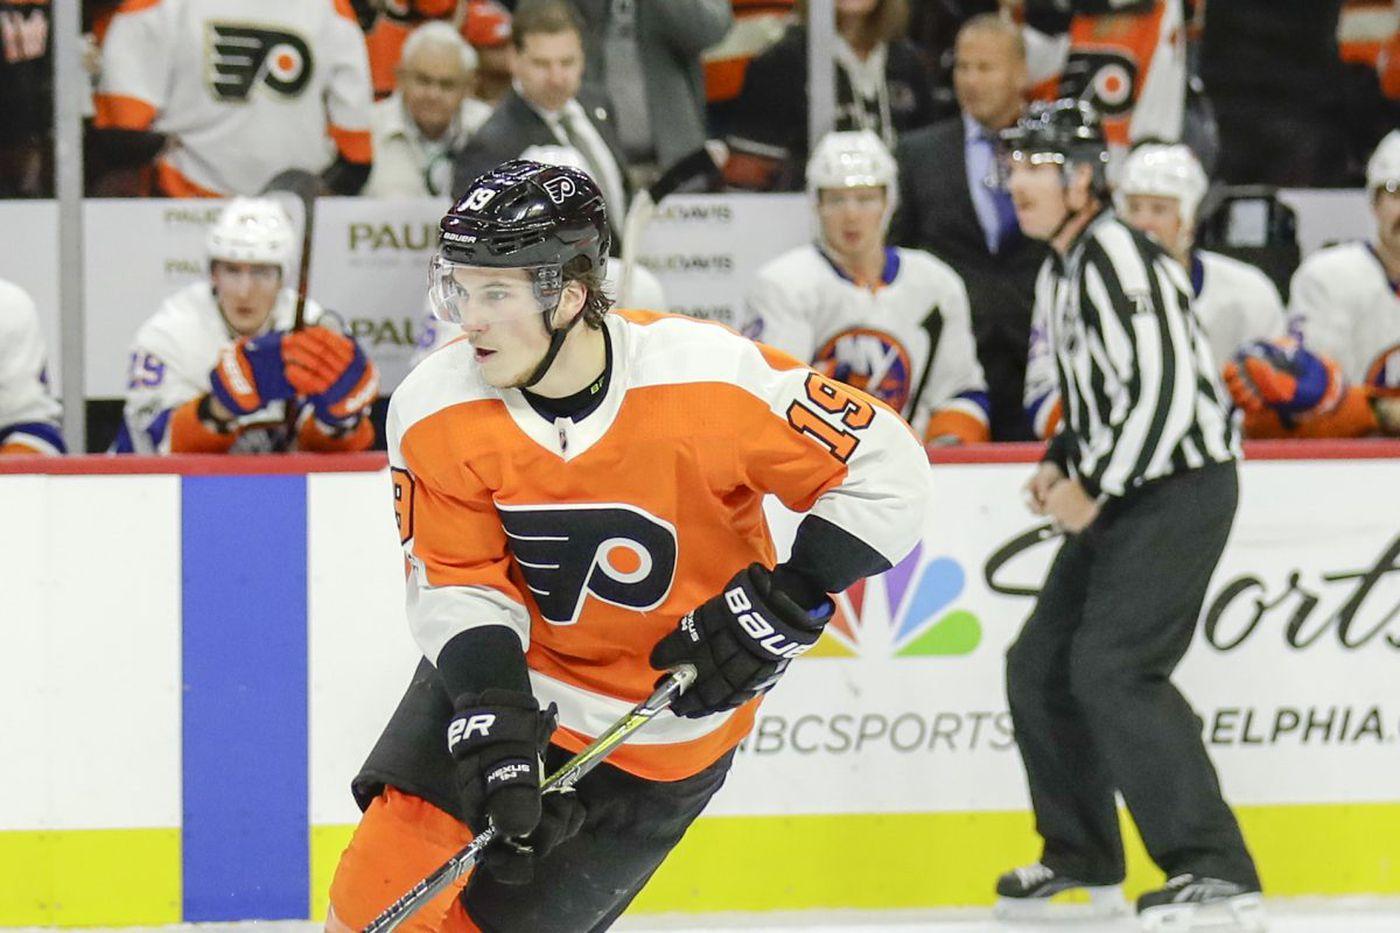 Flyers' Nolan Patrick making slow but steady progress in rookie season